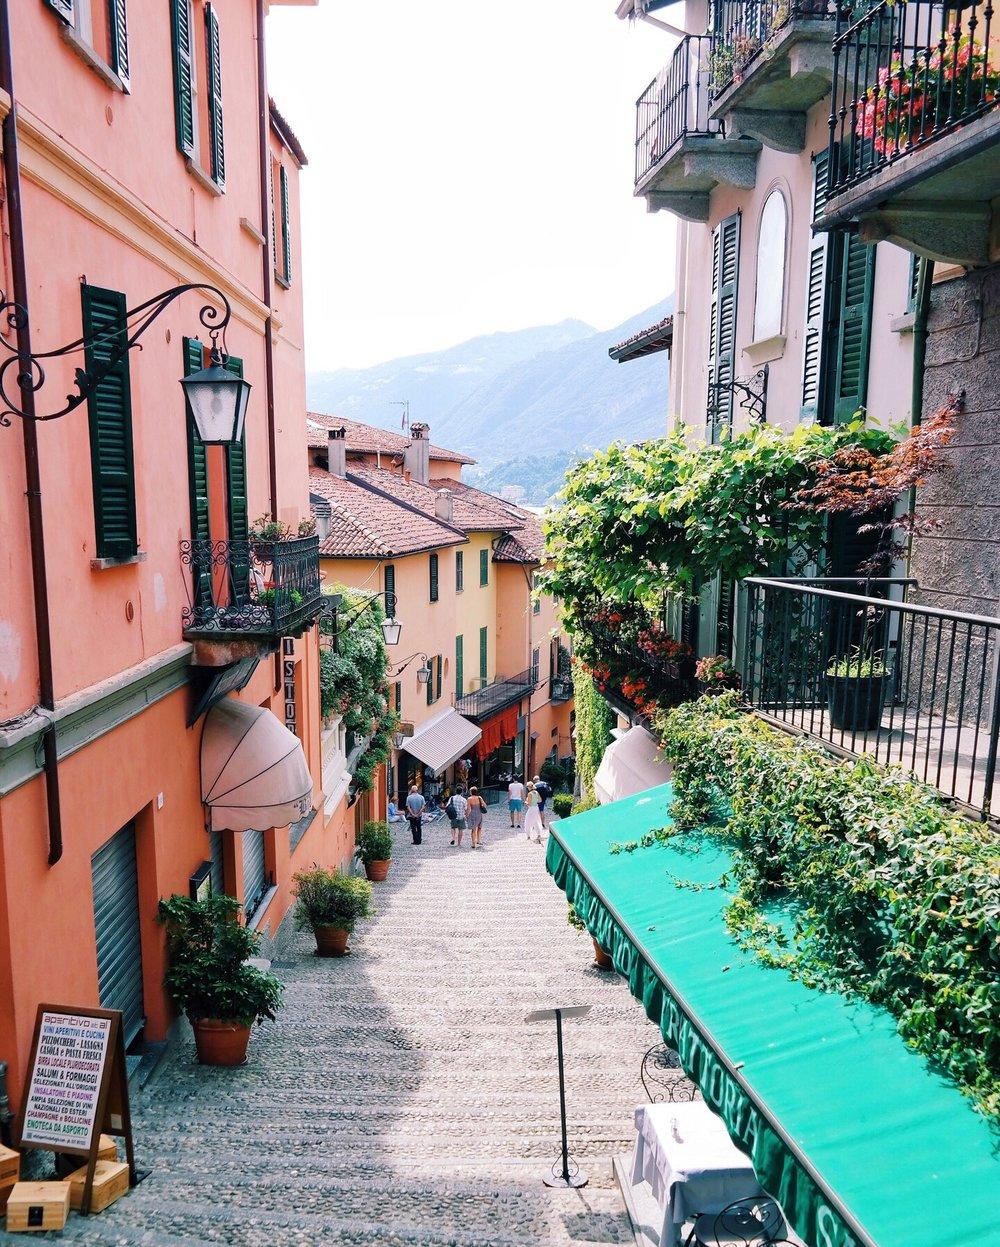 Bellagio_ckanani.jpg